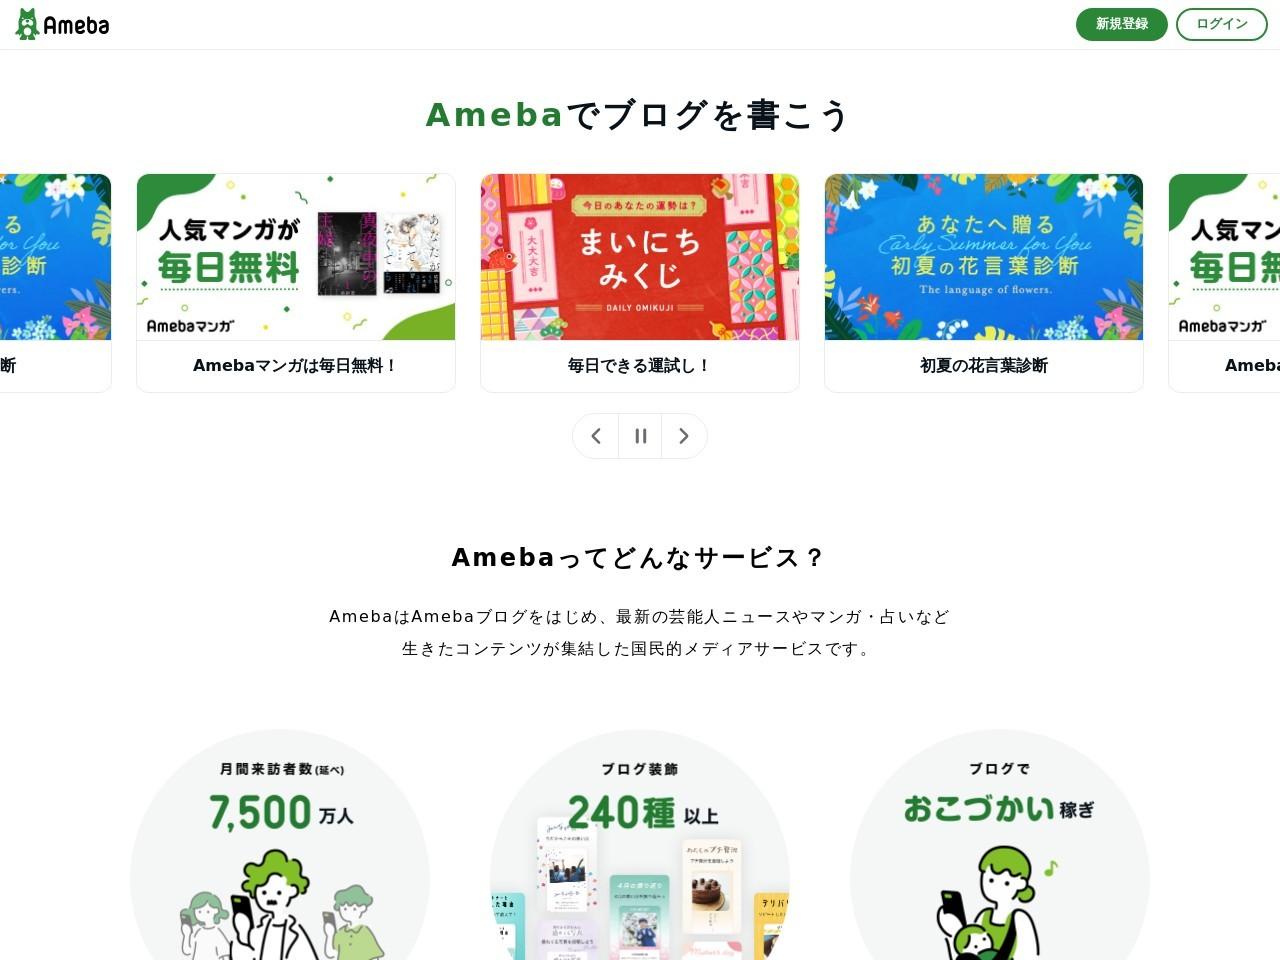 http://ameblo.jp/aromaethte/